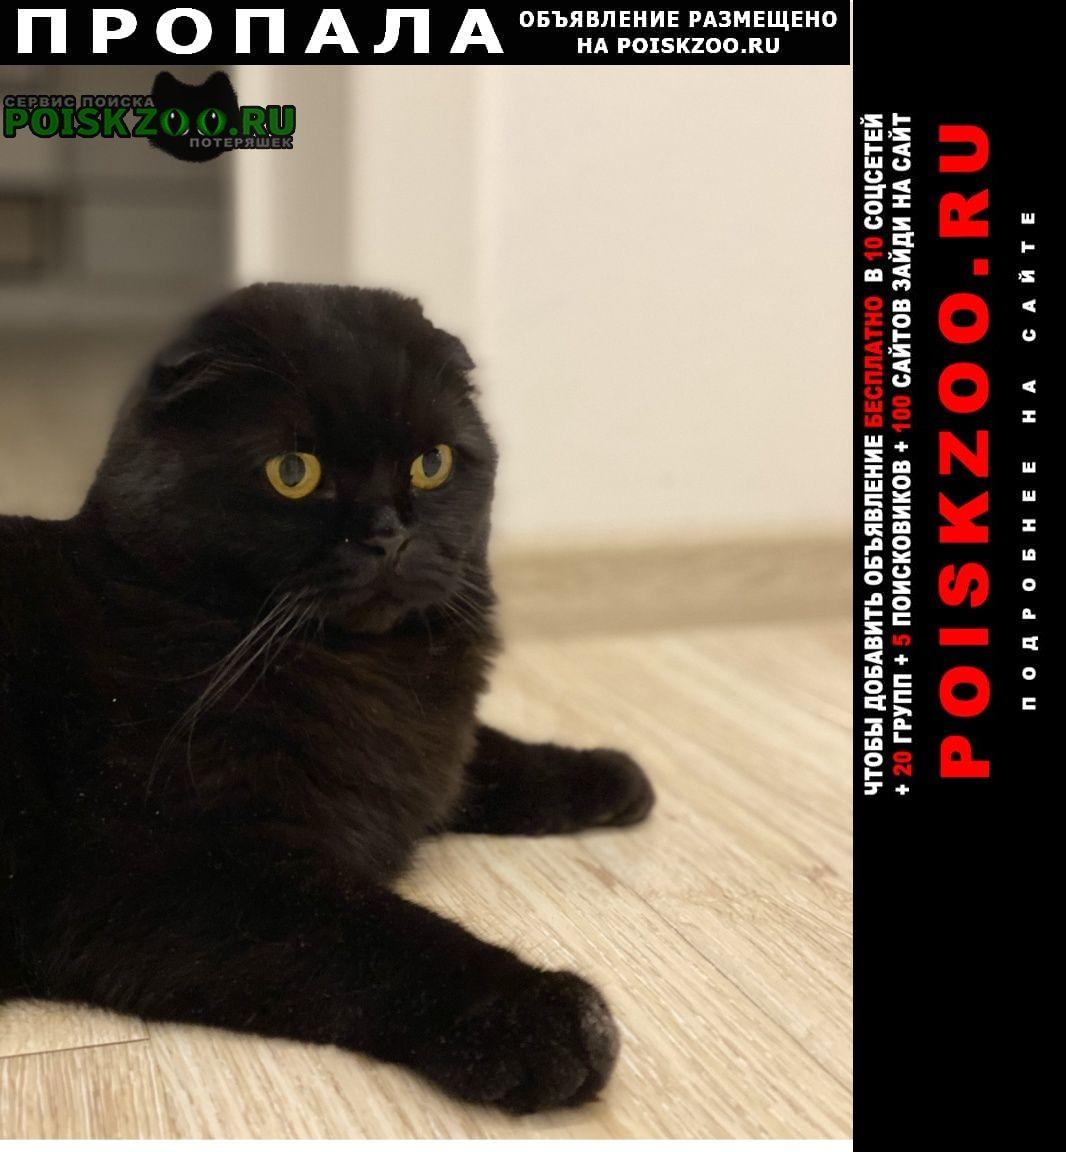 Пропал кот вознагражление г.Березовский (Свердловская обл.)